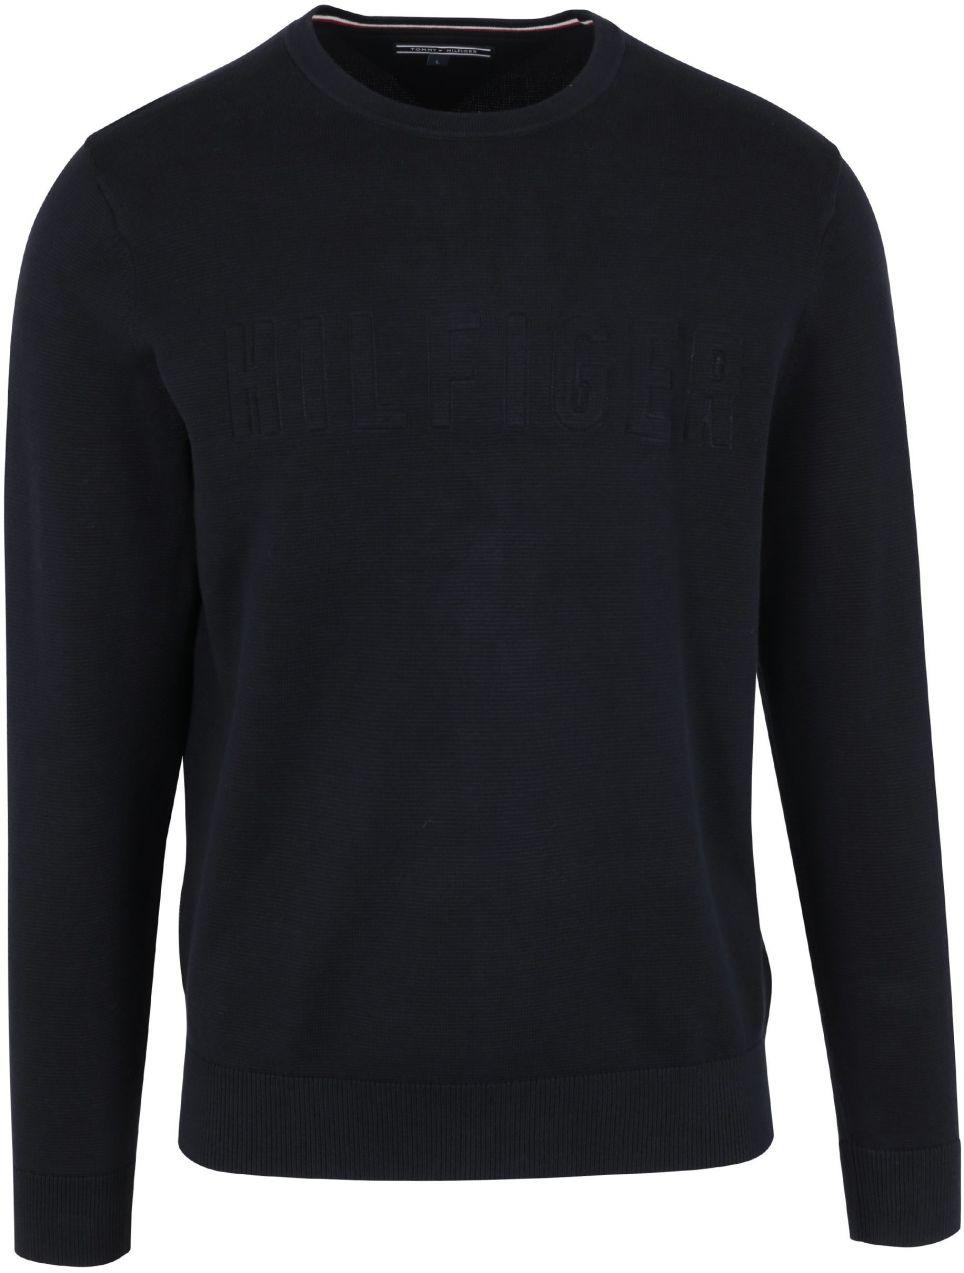 94cfca6601 Tmavomodrý pánsky tenký sveter Tommy Hilfiger značky Tommy Hilfiger -  Lovely.sk